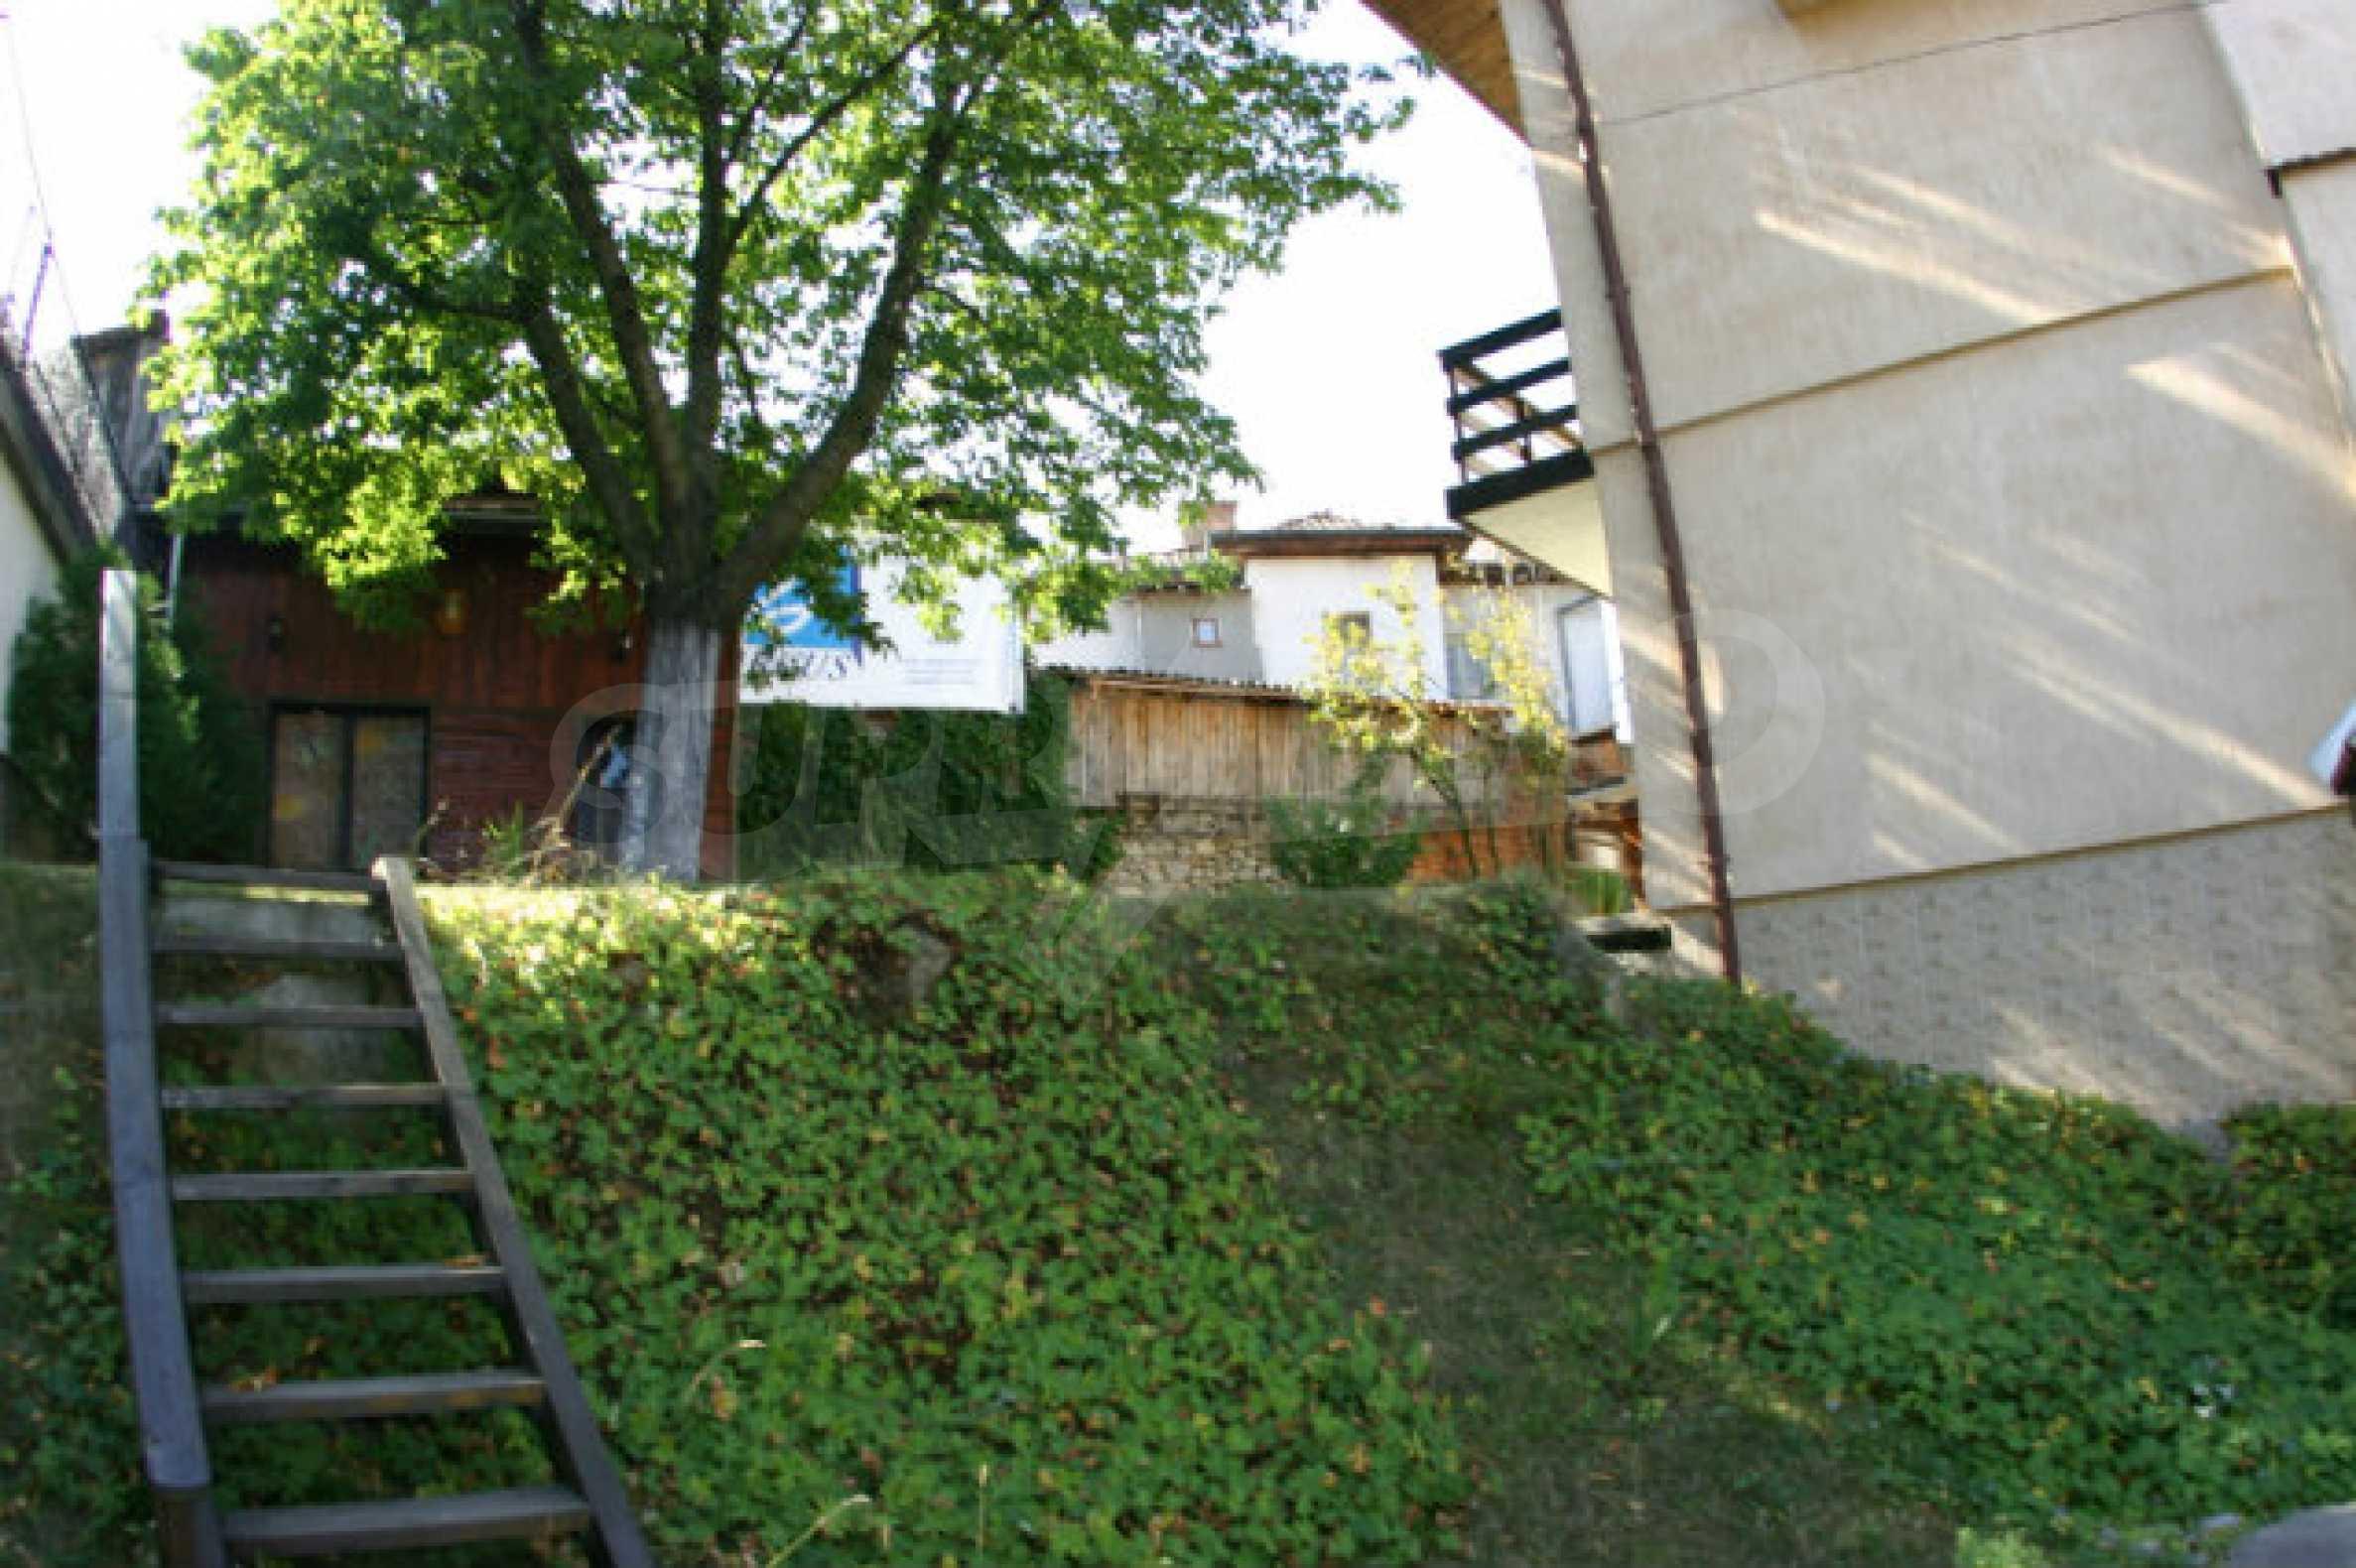 Familienhotel zum Verkauf in Dobrinischte, 6 km von Bansko entfernt 2